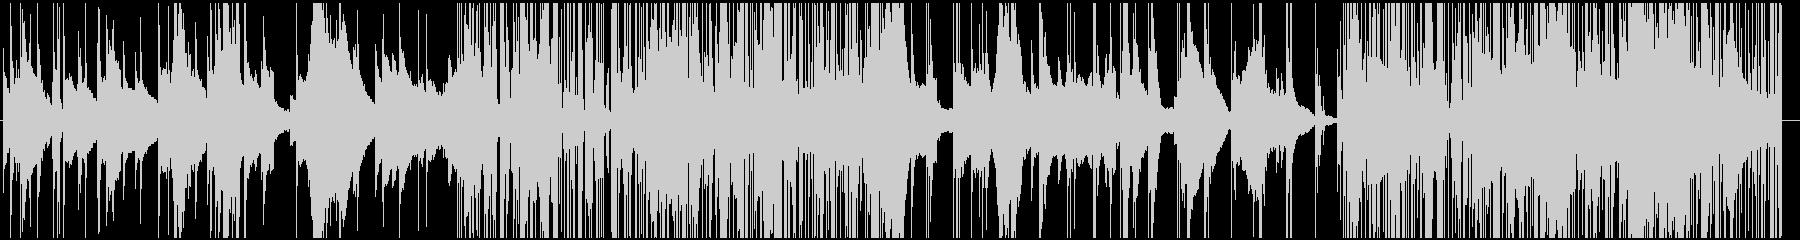 オルゴール+ノイズの切ないエレクトロニカの未再生の波形